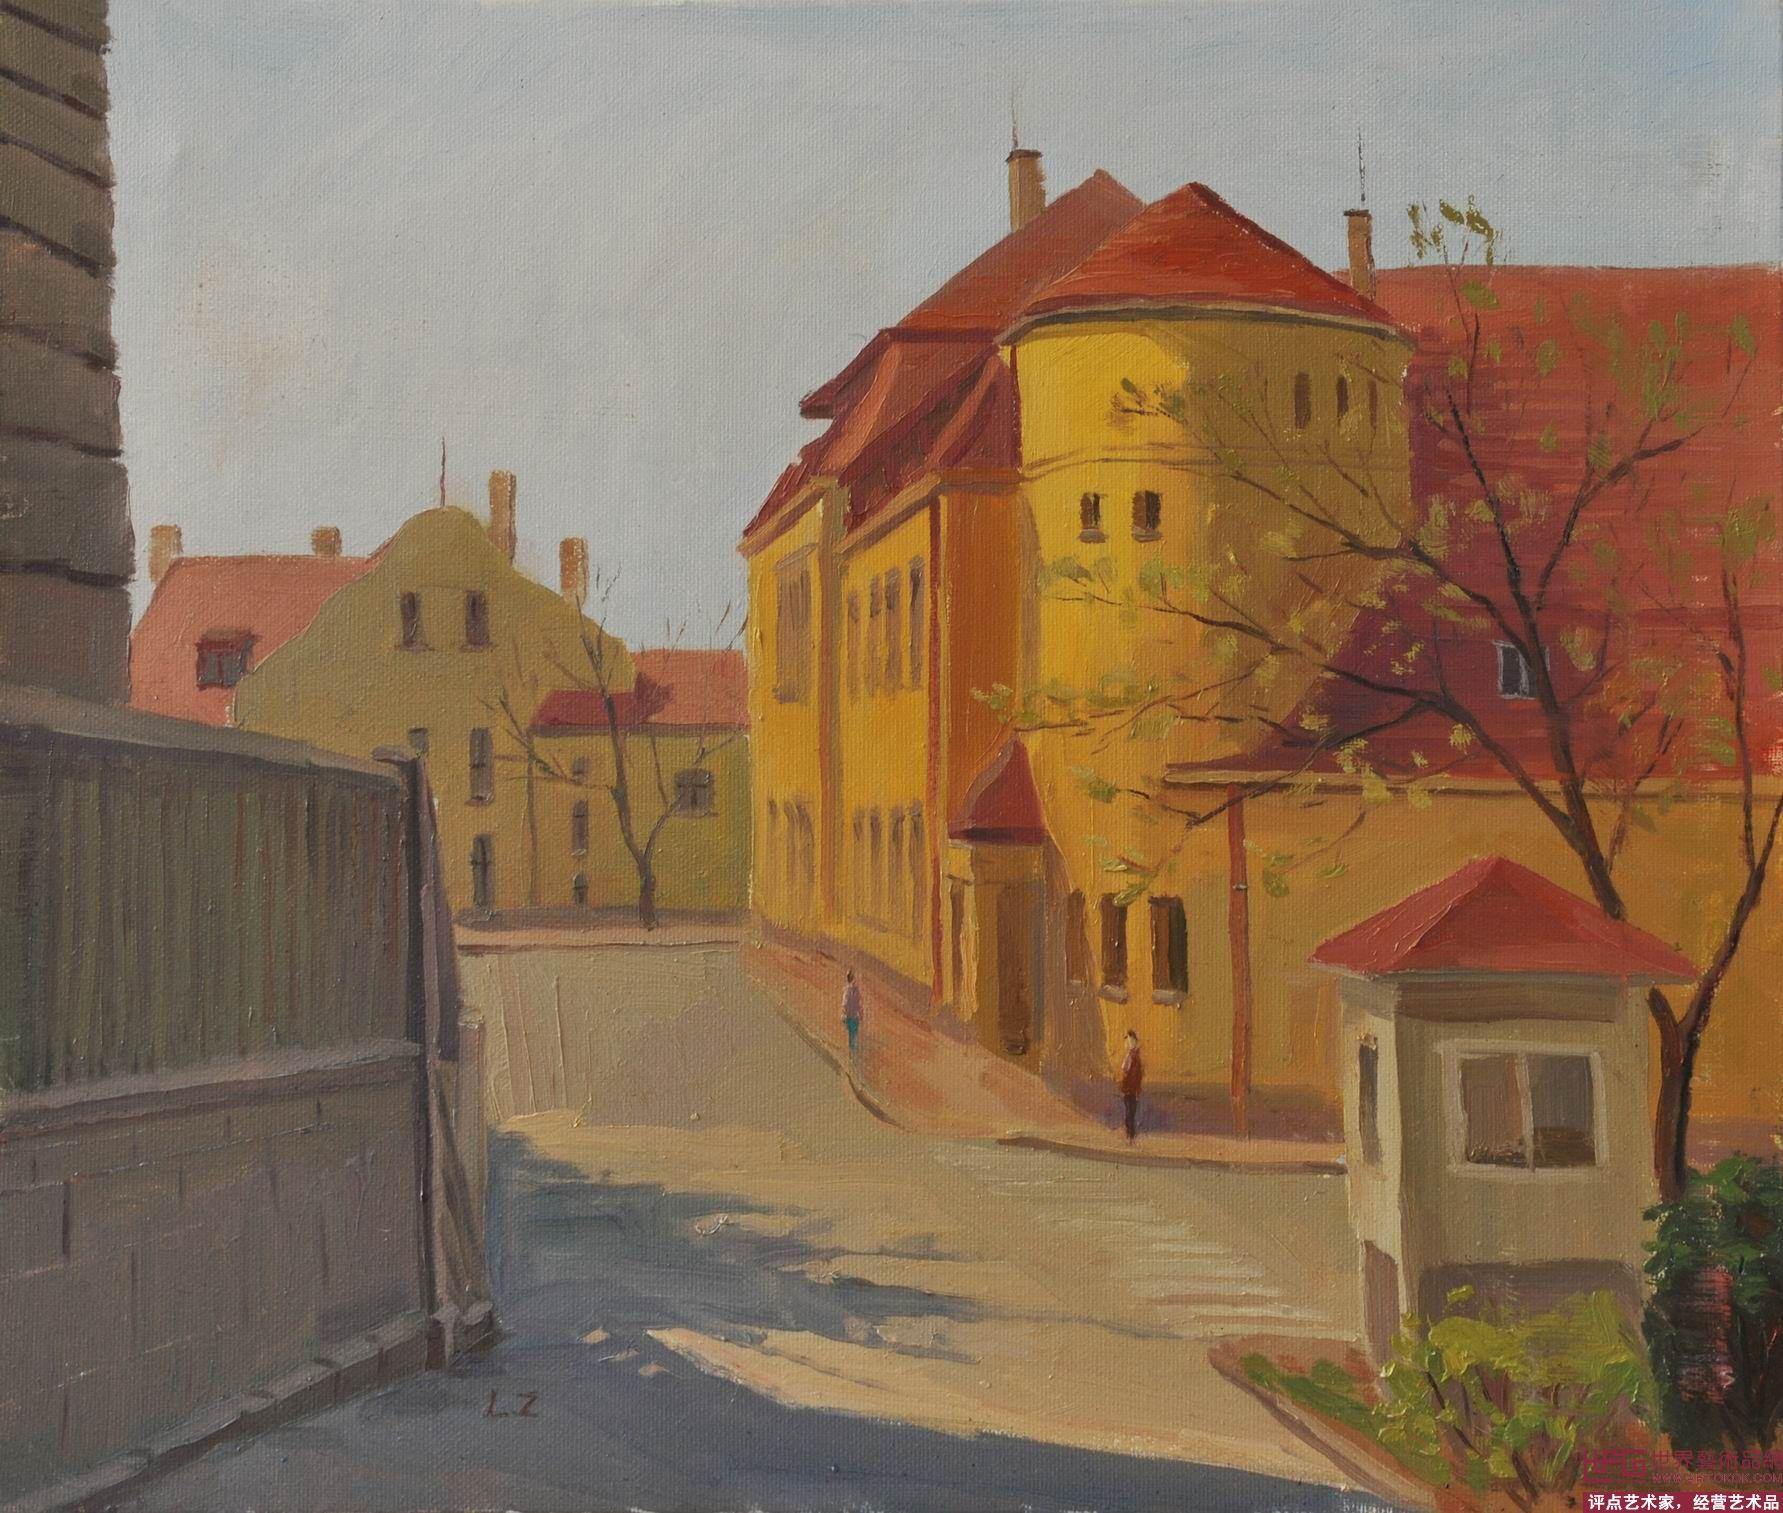 后一幅最后幅  转到:; 青岛的黄房子; 刘柱的相册 - 2012年油画风景